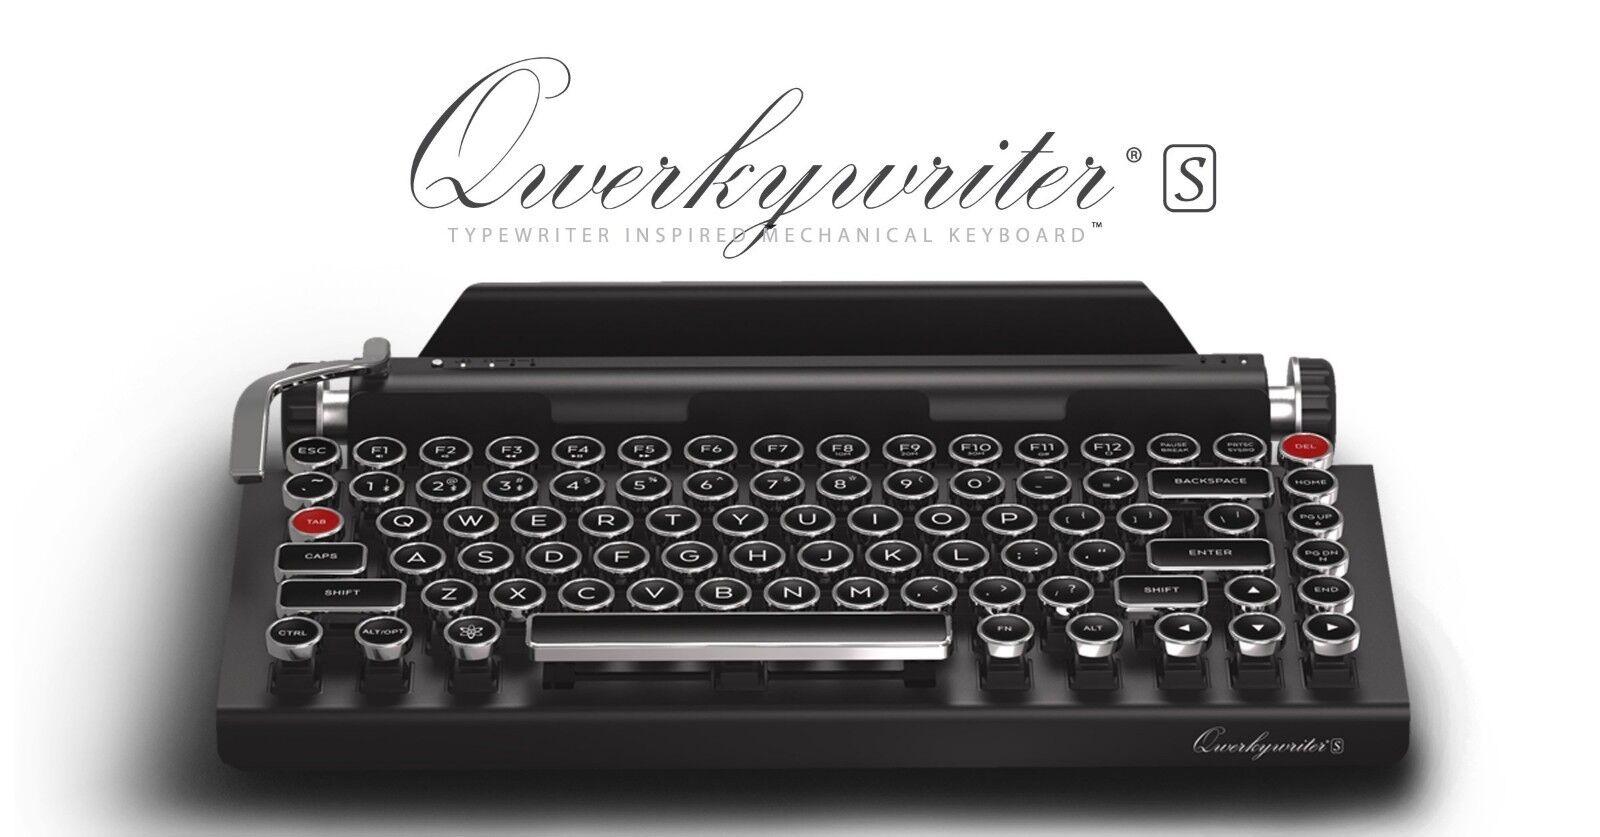 QWERKYWRITER S TYPEWRITER-INSPIRED MECHANICAL KEYBOARD